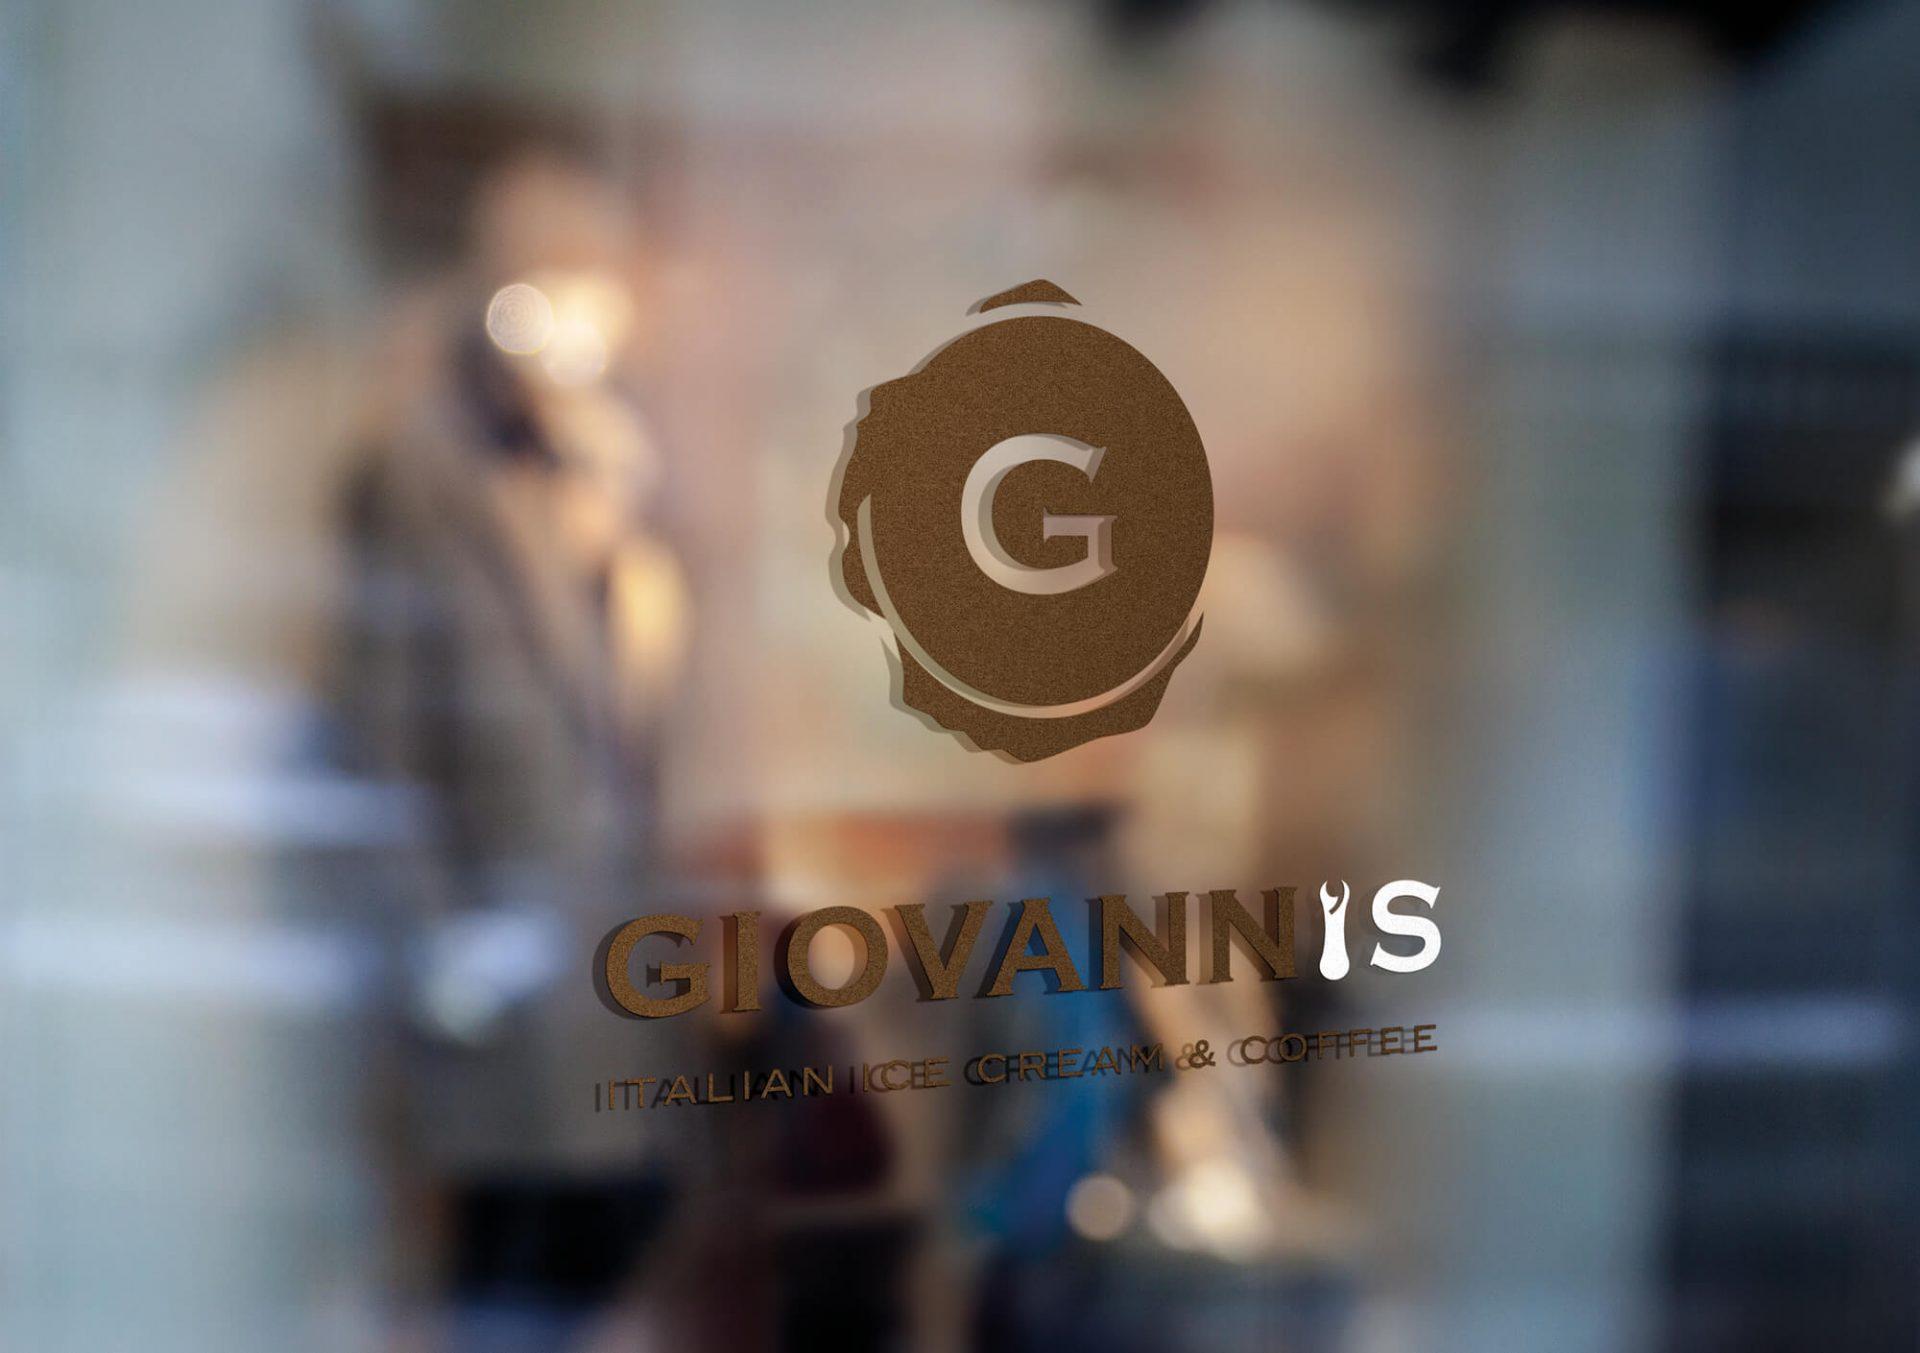 progetto del marchio e vetrine per gelateria -giovanni- realizzato dallo studio grafico diadestudio